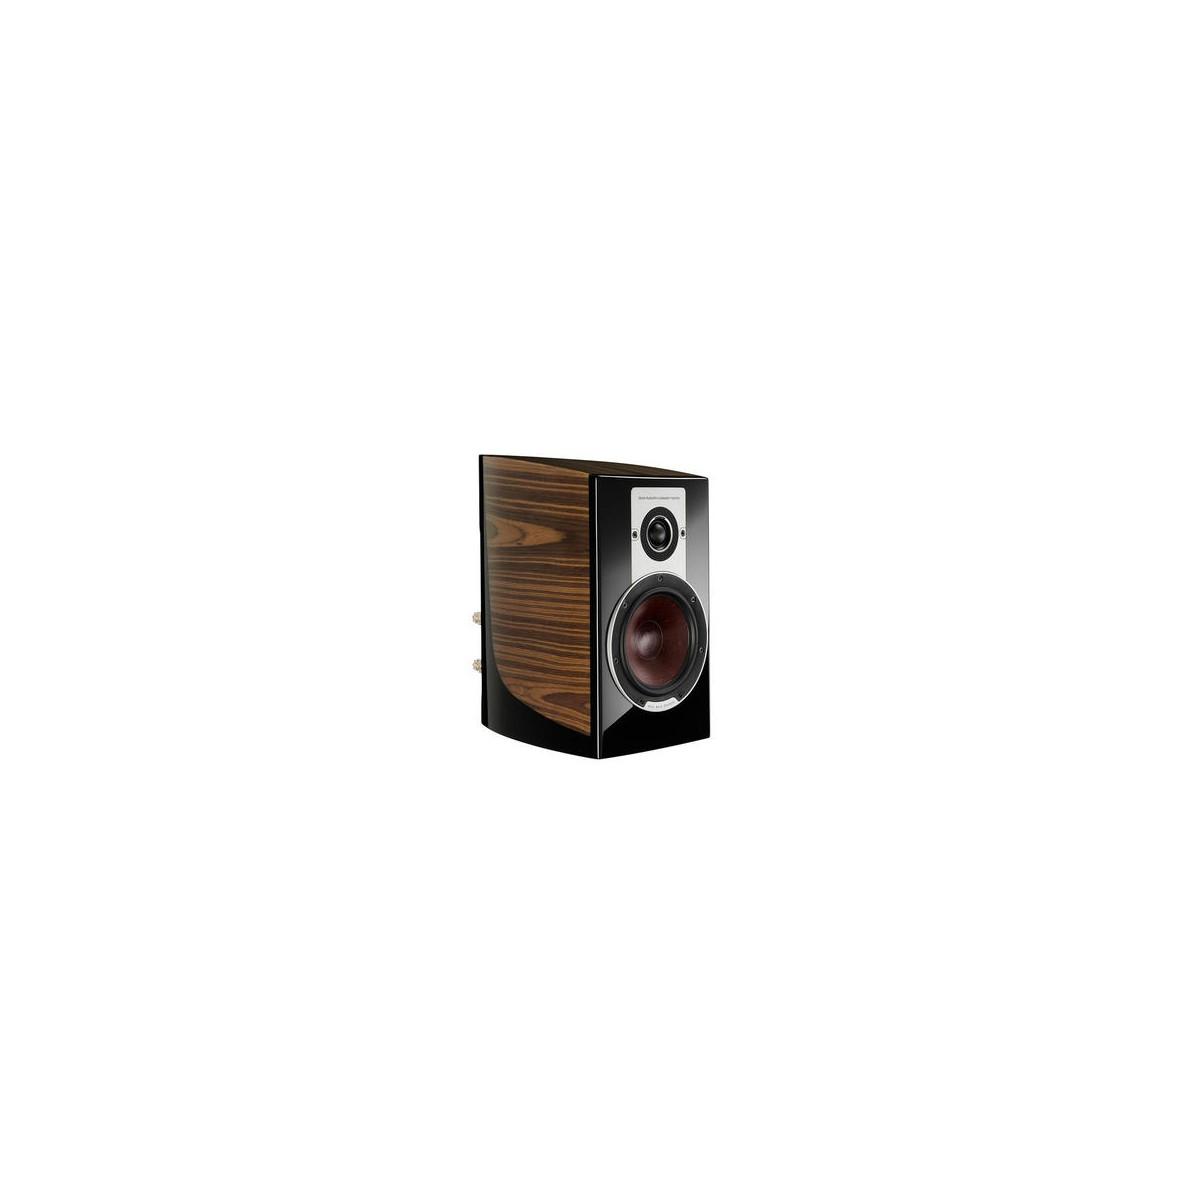 Állványra / polcra helyezhető hangsugárzó EPICON 2